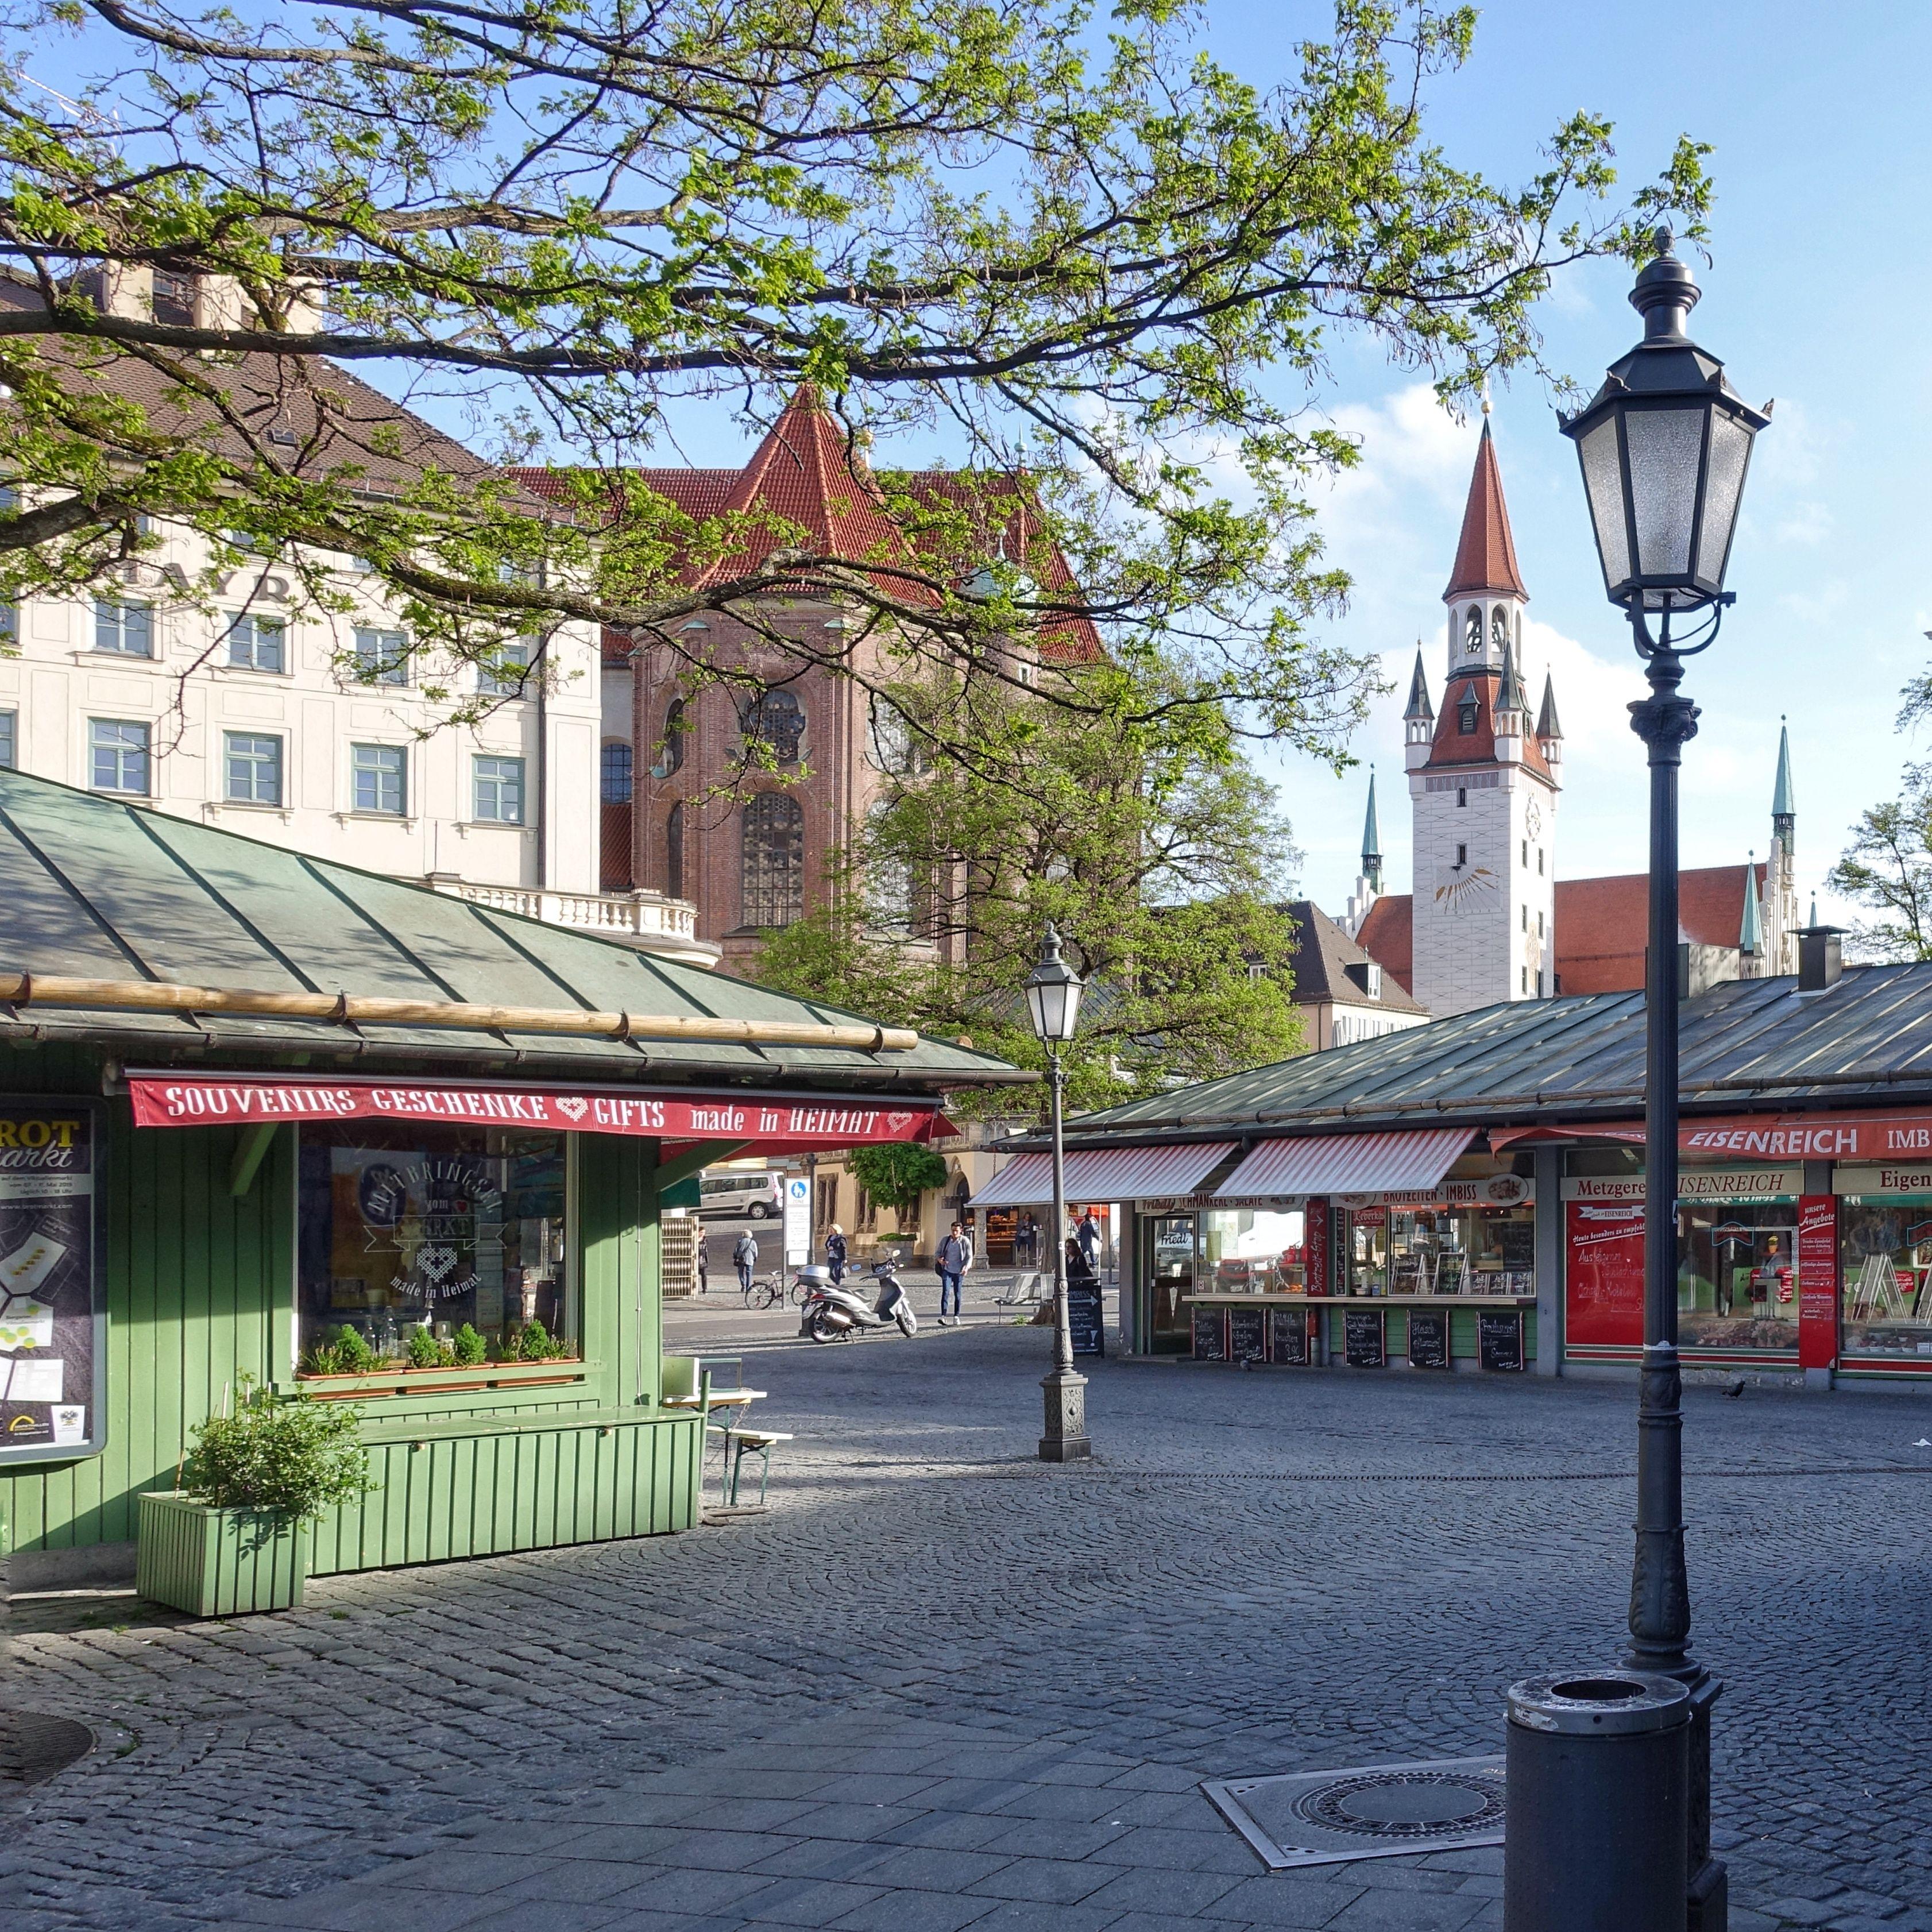 Munich Germany Munchen Deutschland Viktualienmarkt Mit Blick Auf Turm Des Alten Rathauses